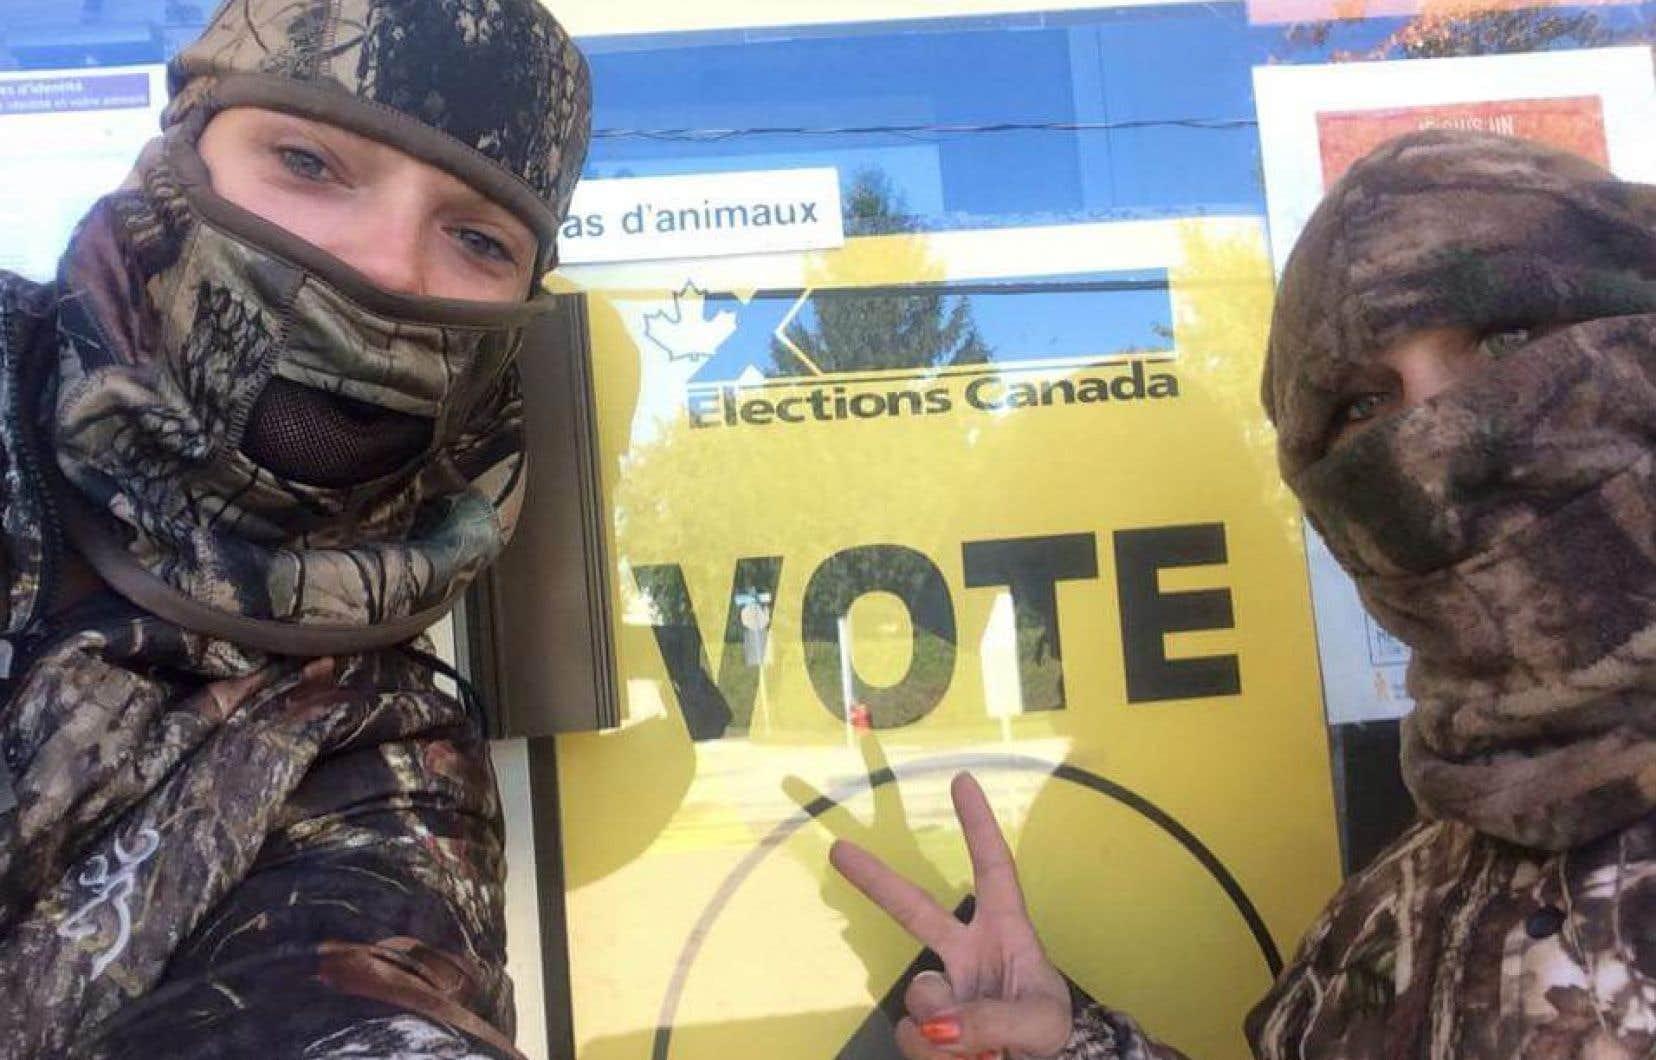 Des dizaines d'électeurs ont exercé leur droit de vote par anticipation, le visage couvert.